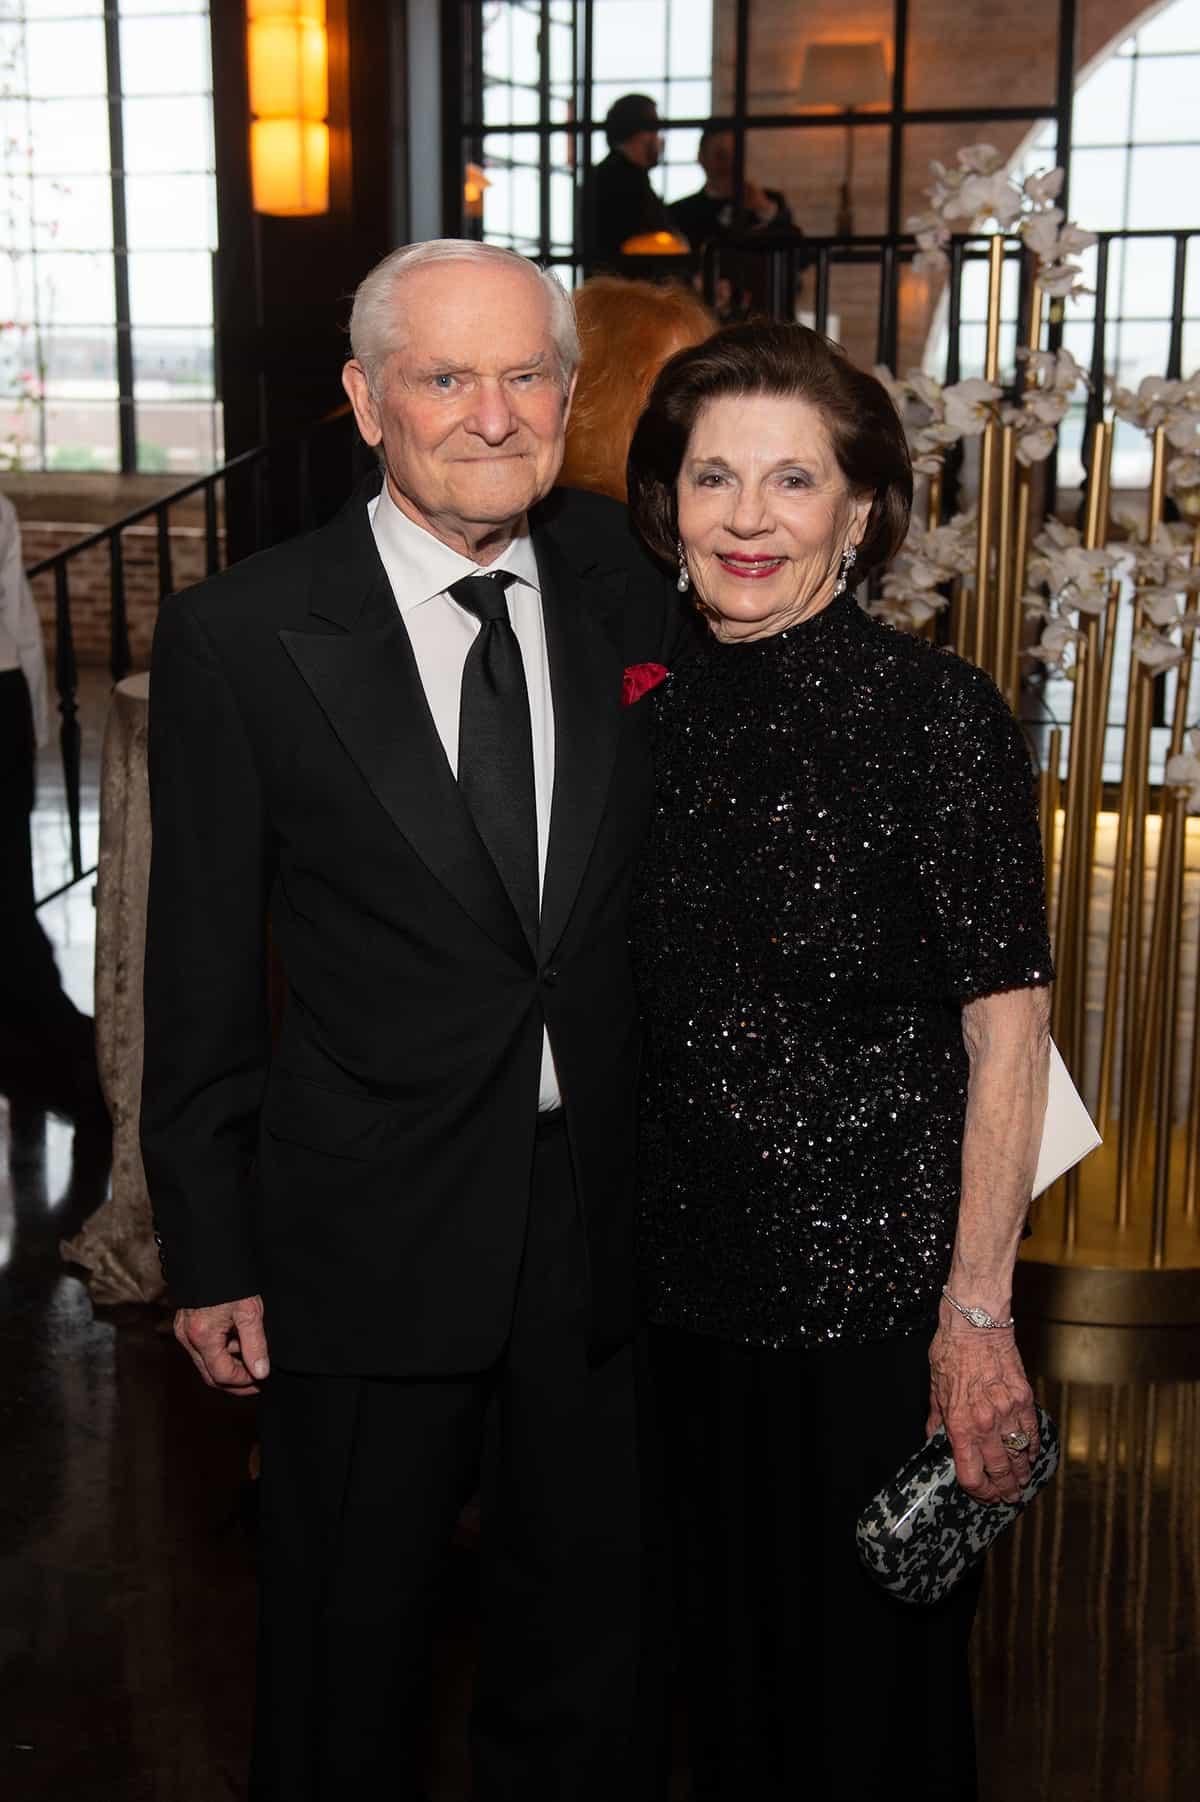 Steve and Mary Lynn Marks